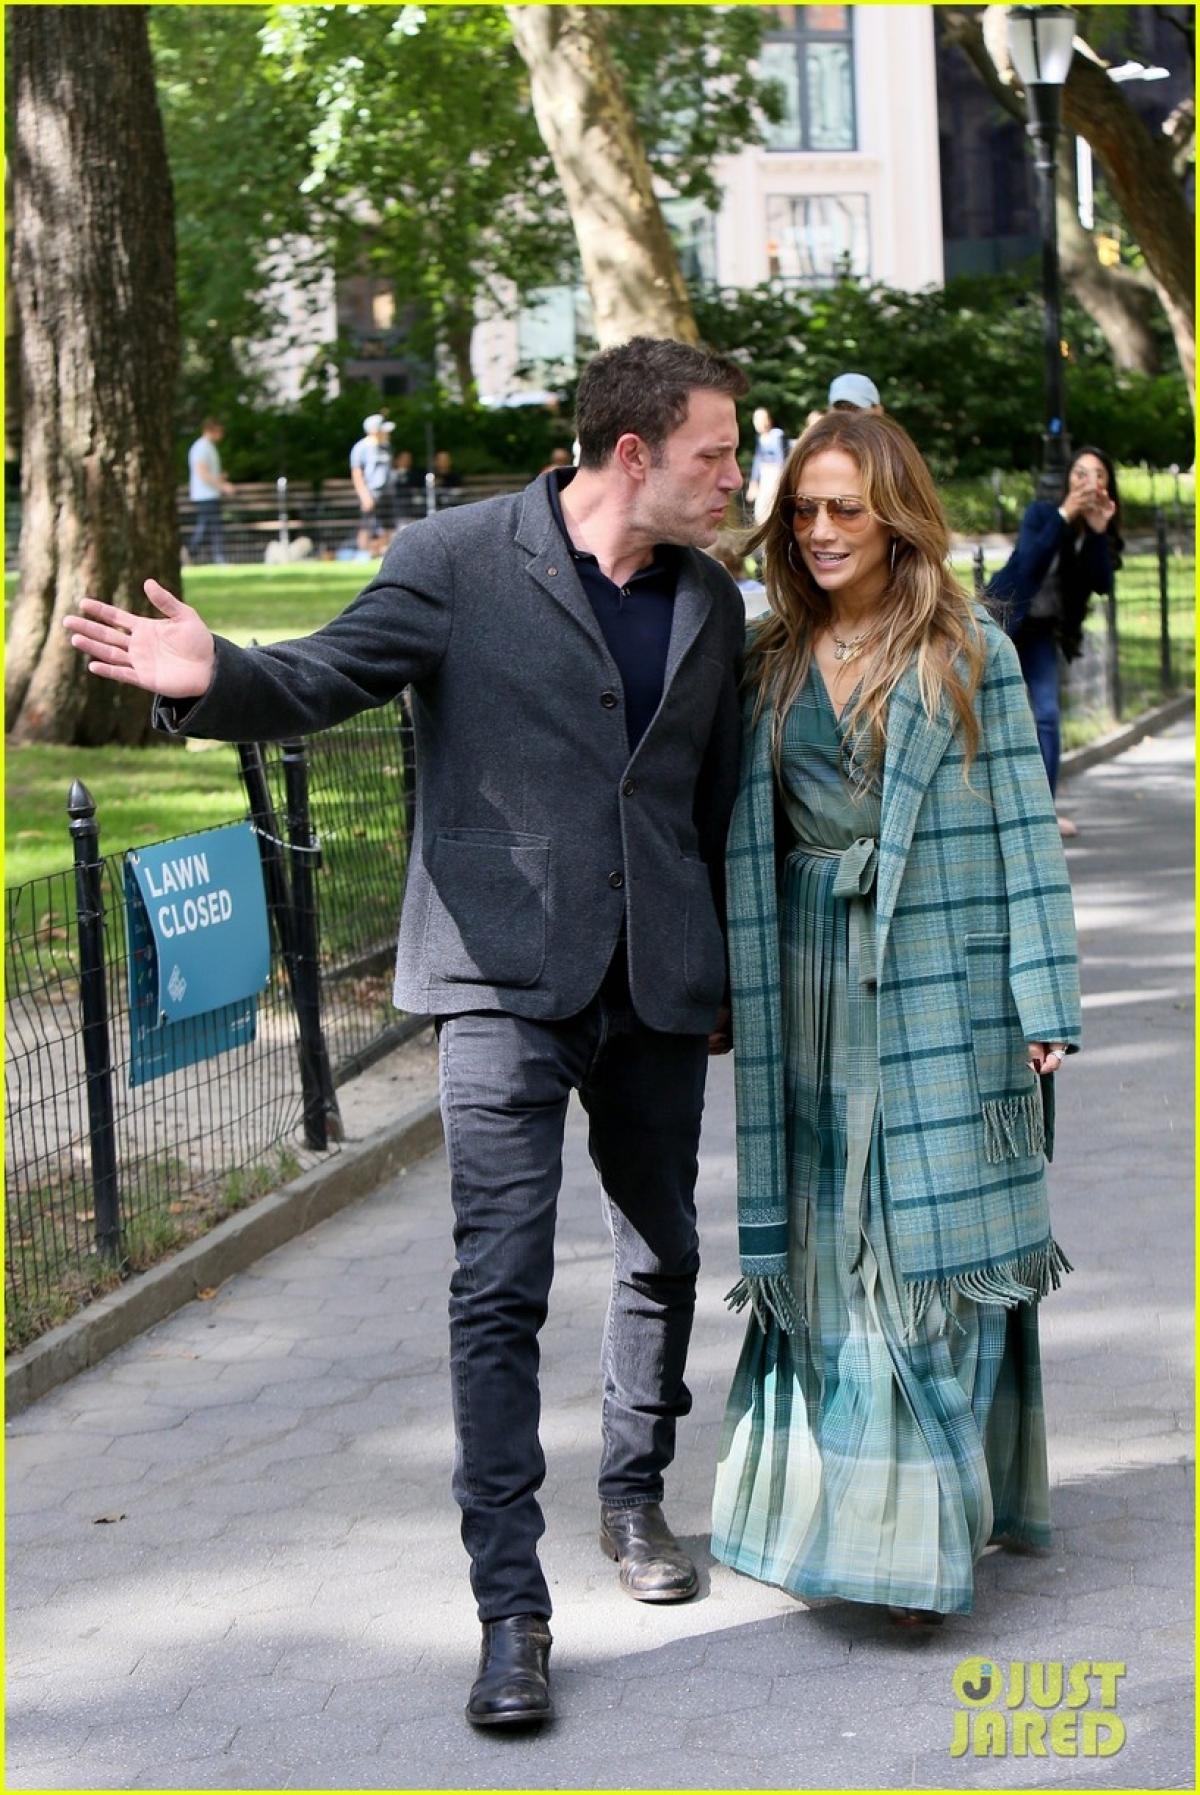 """Thành công trong sự nghiệp nhưng Jennifer Lopez lại khá lận đận trong chuyện tình cảm. Hồi đầu năm, cô và Alex Rodriguez cũng quyết định """"đường ai nấy đi"""" trước sự tiếc nuối của công chúng./."""